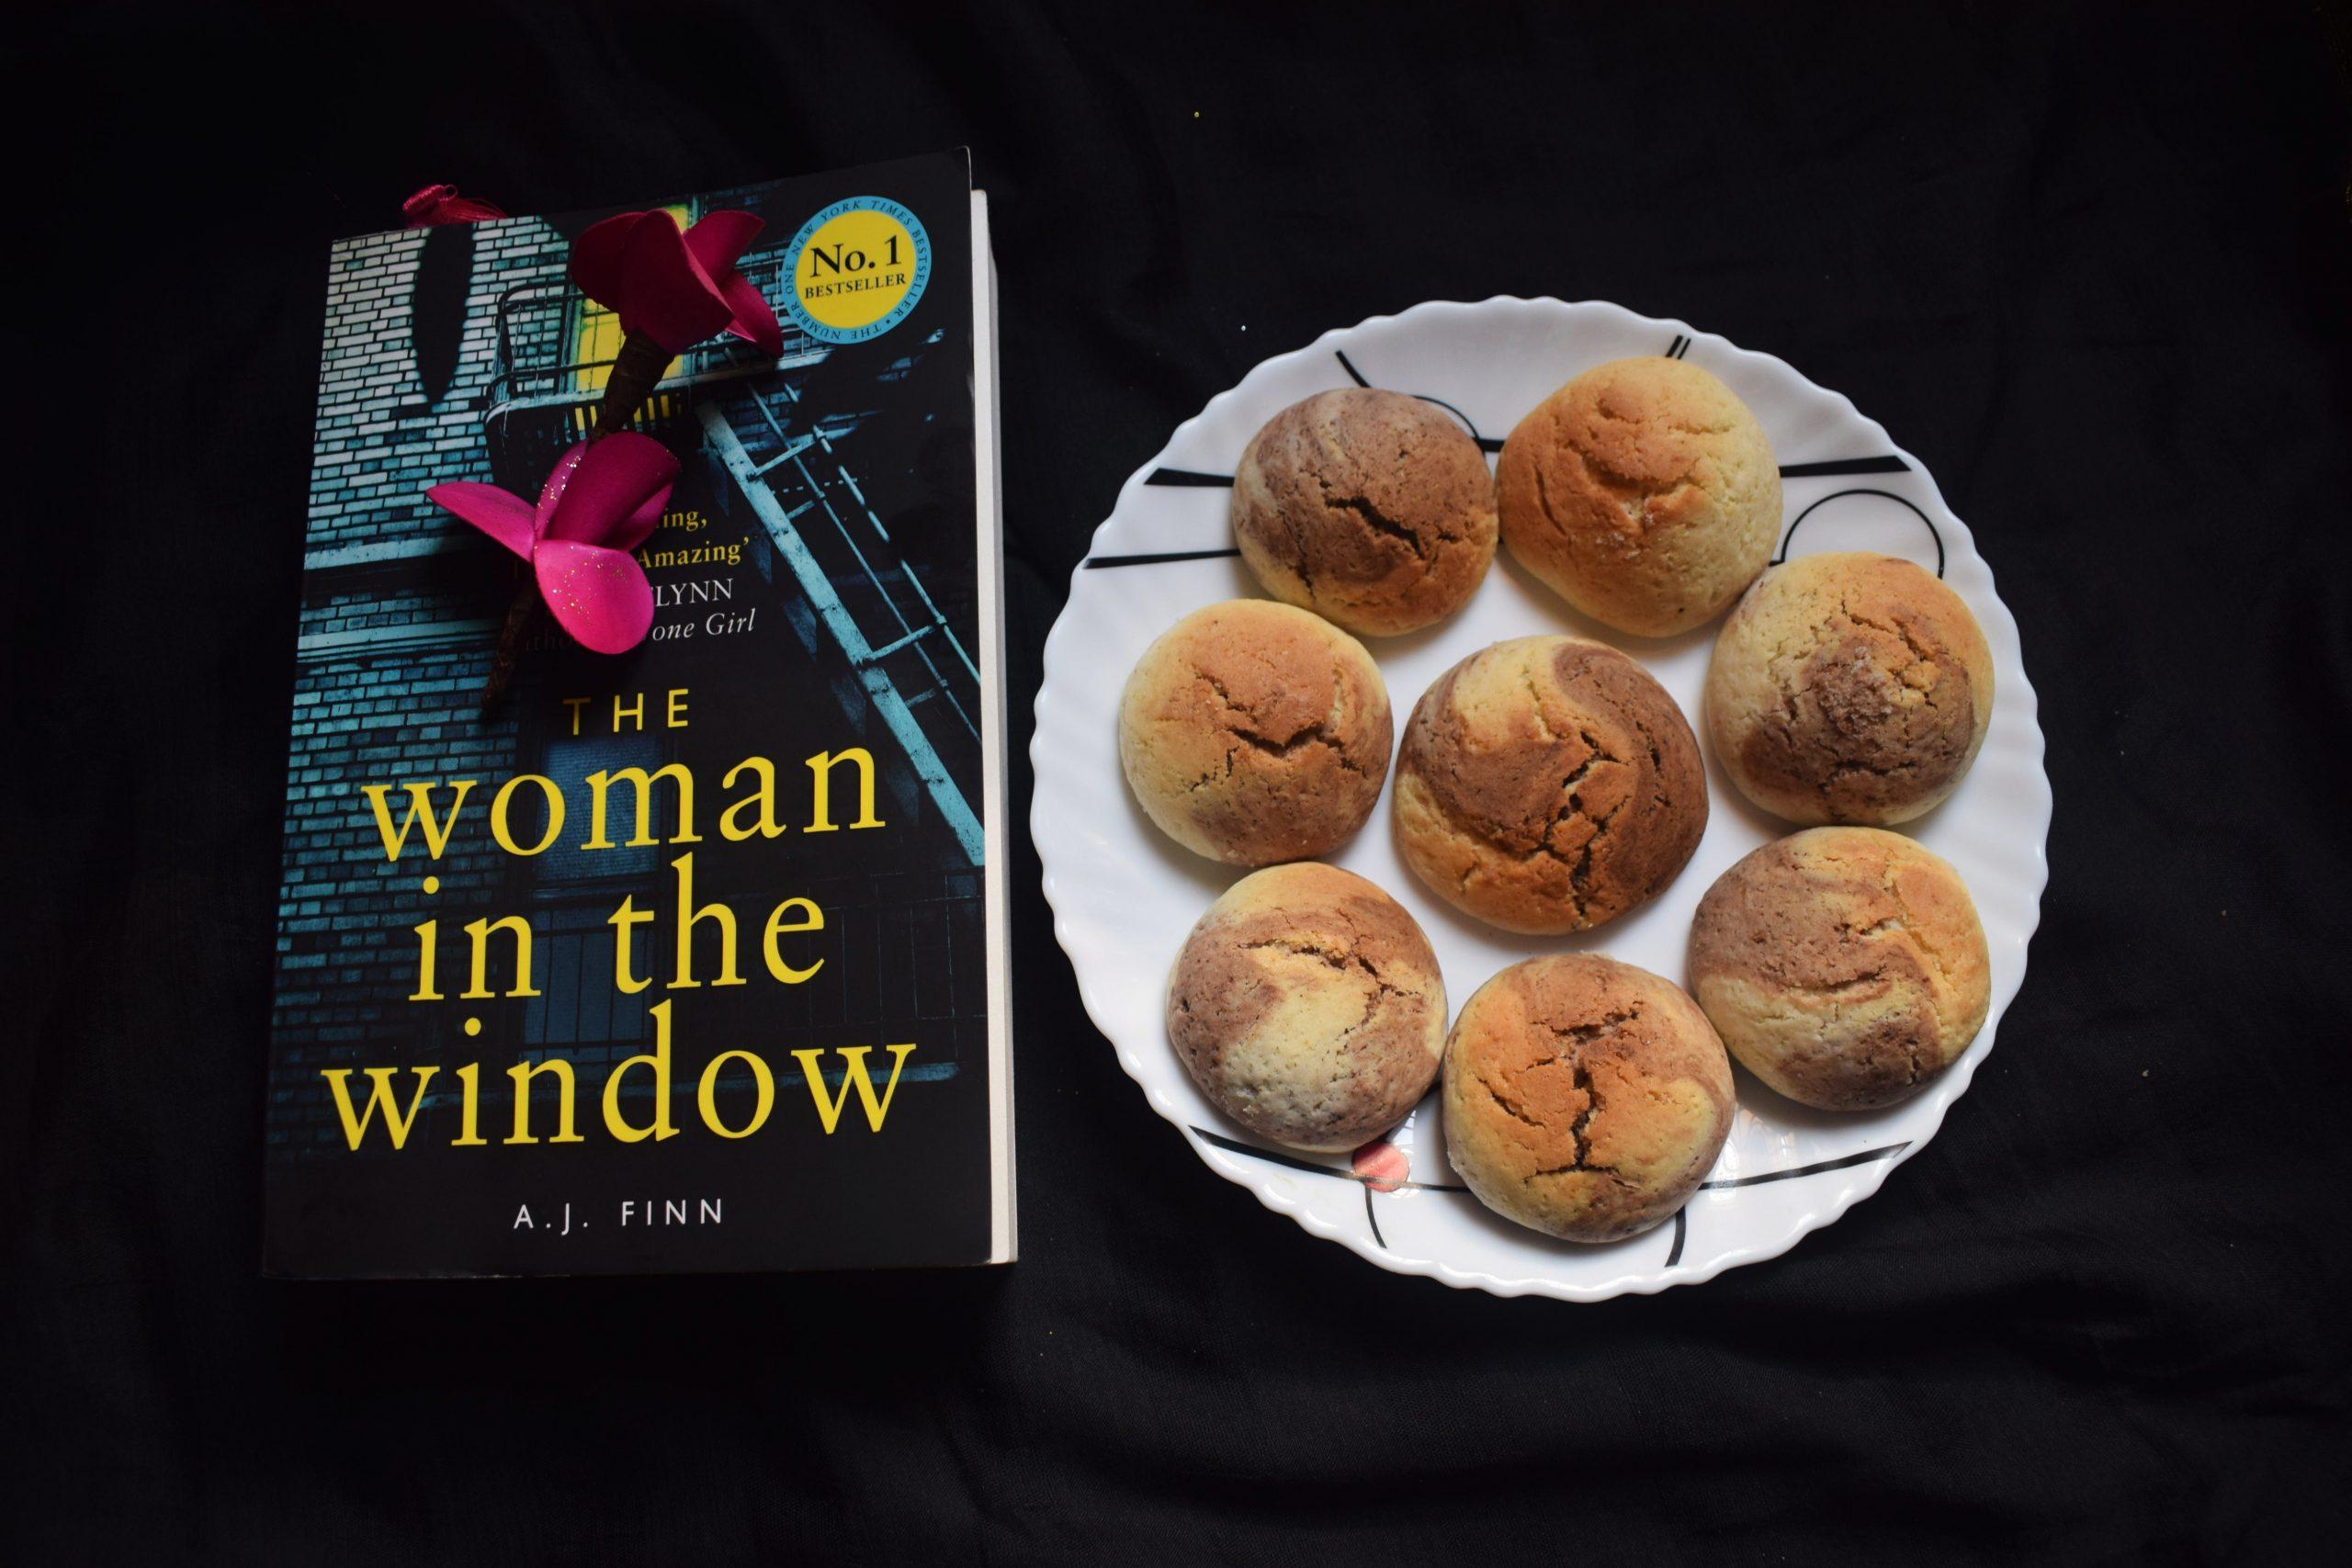 Book & Cookies